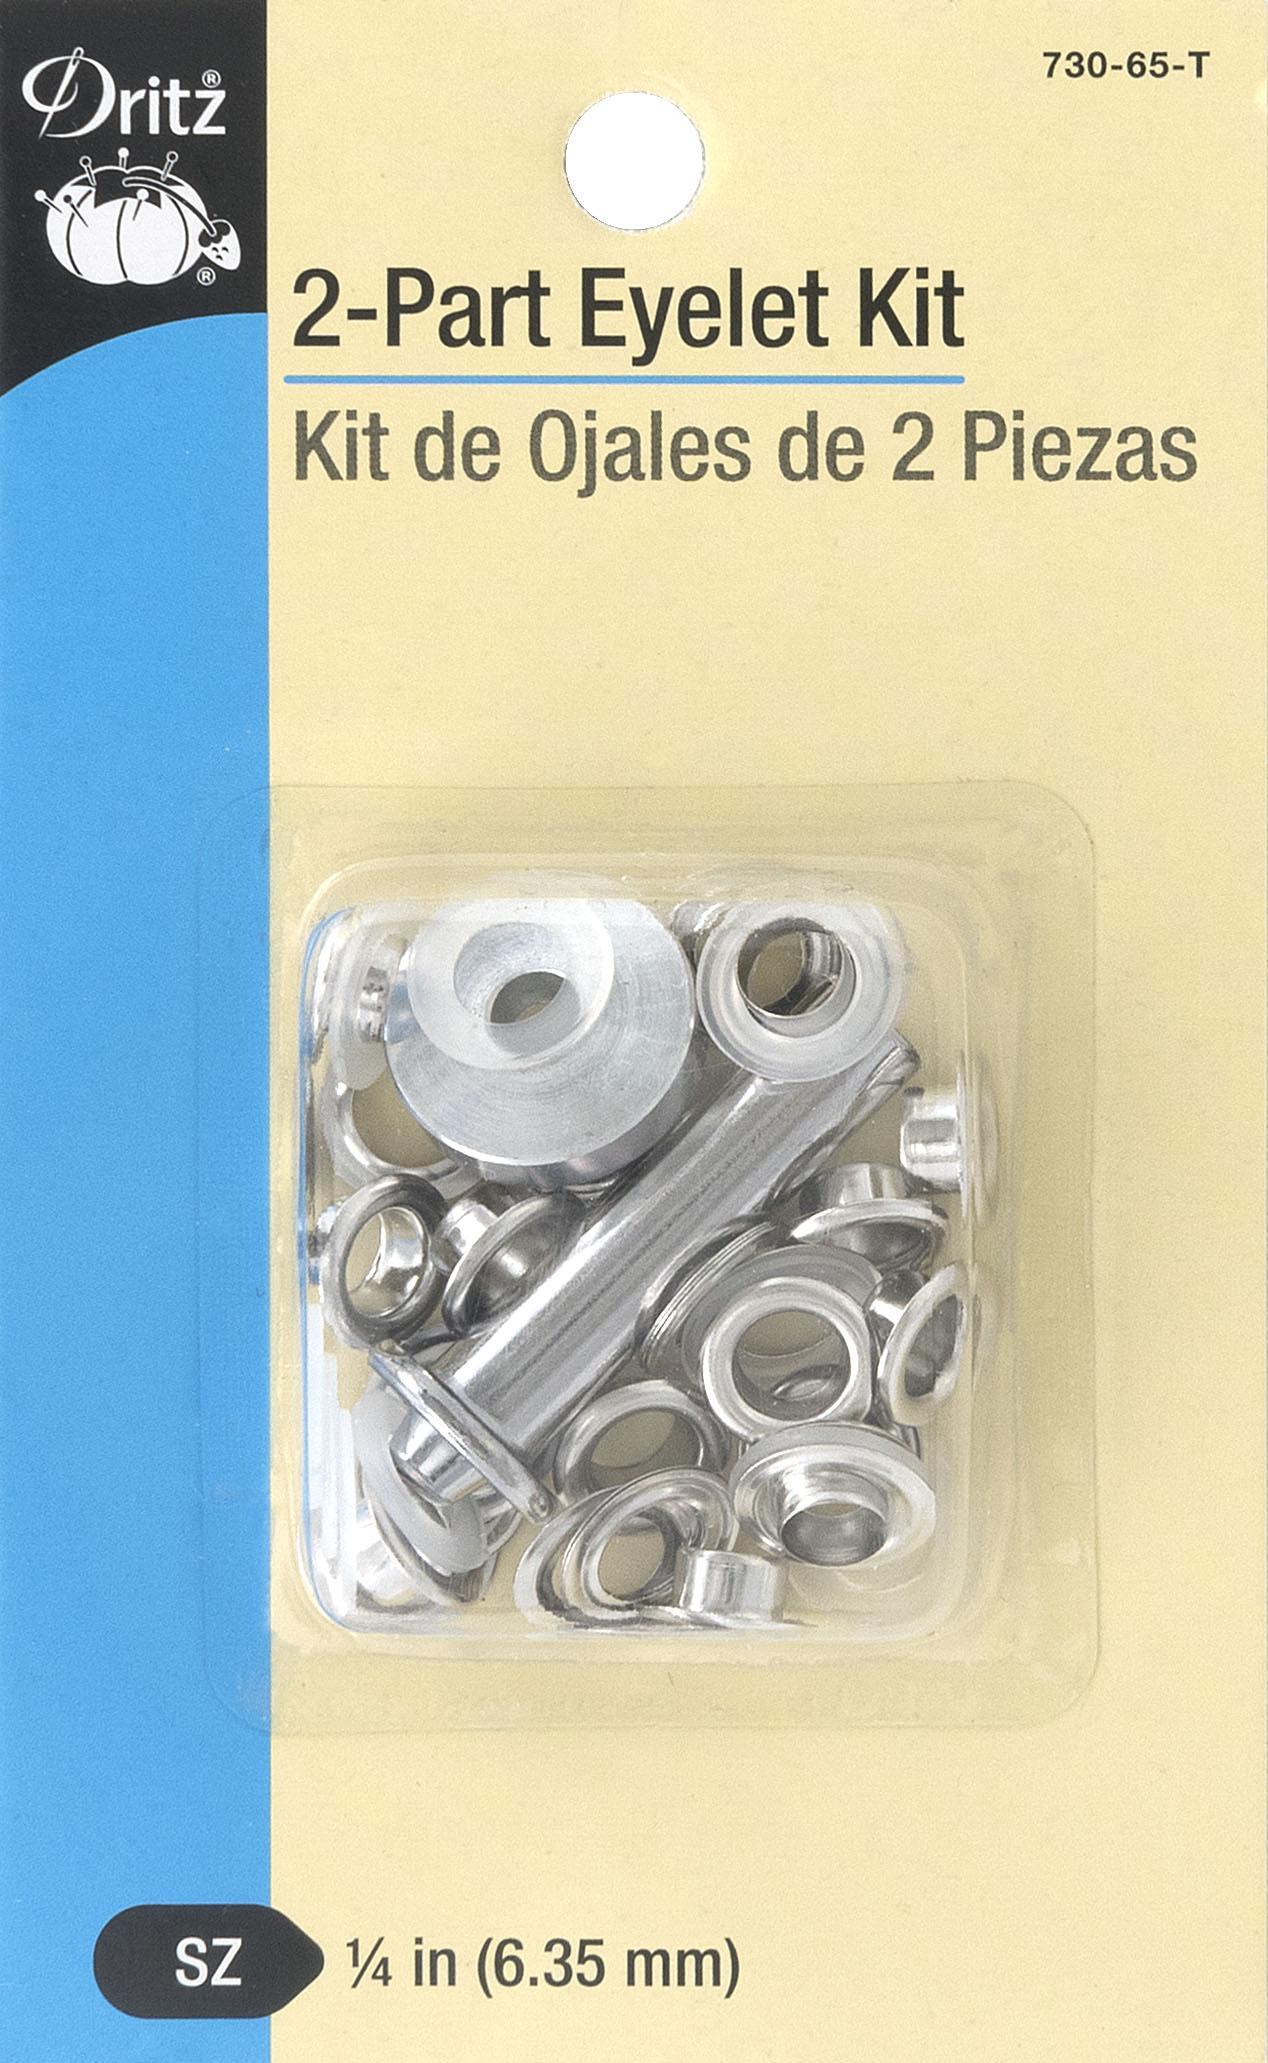 2-Part Eyelet Kit Nickel-730-65-T